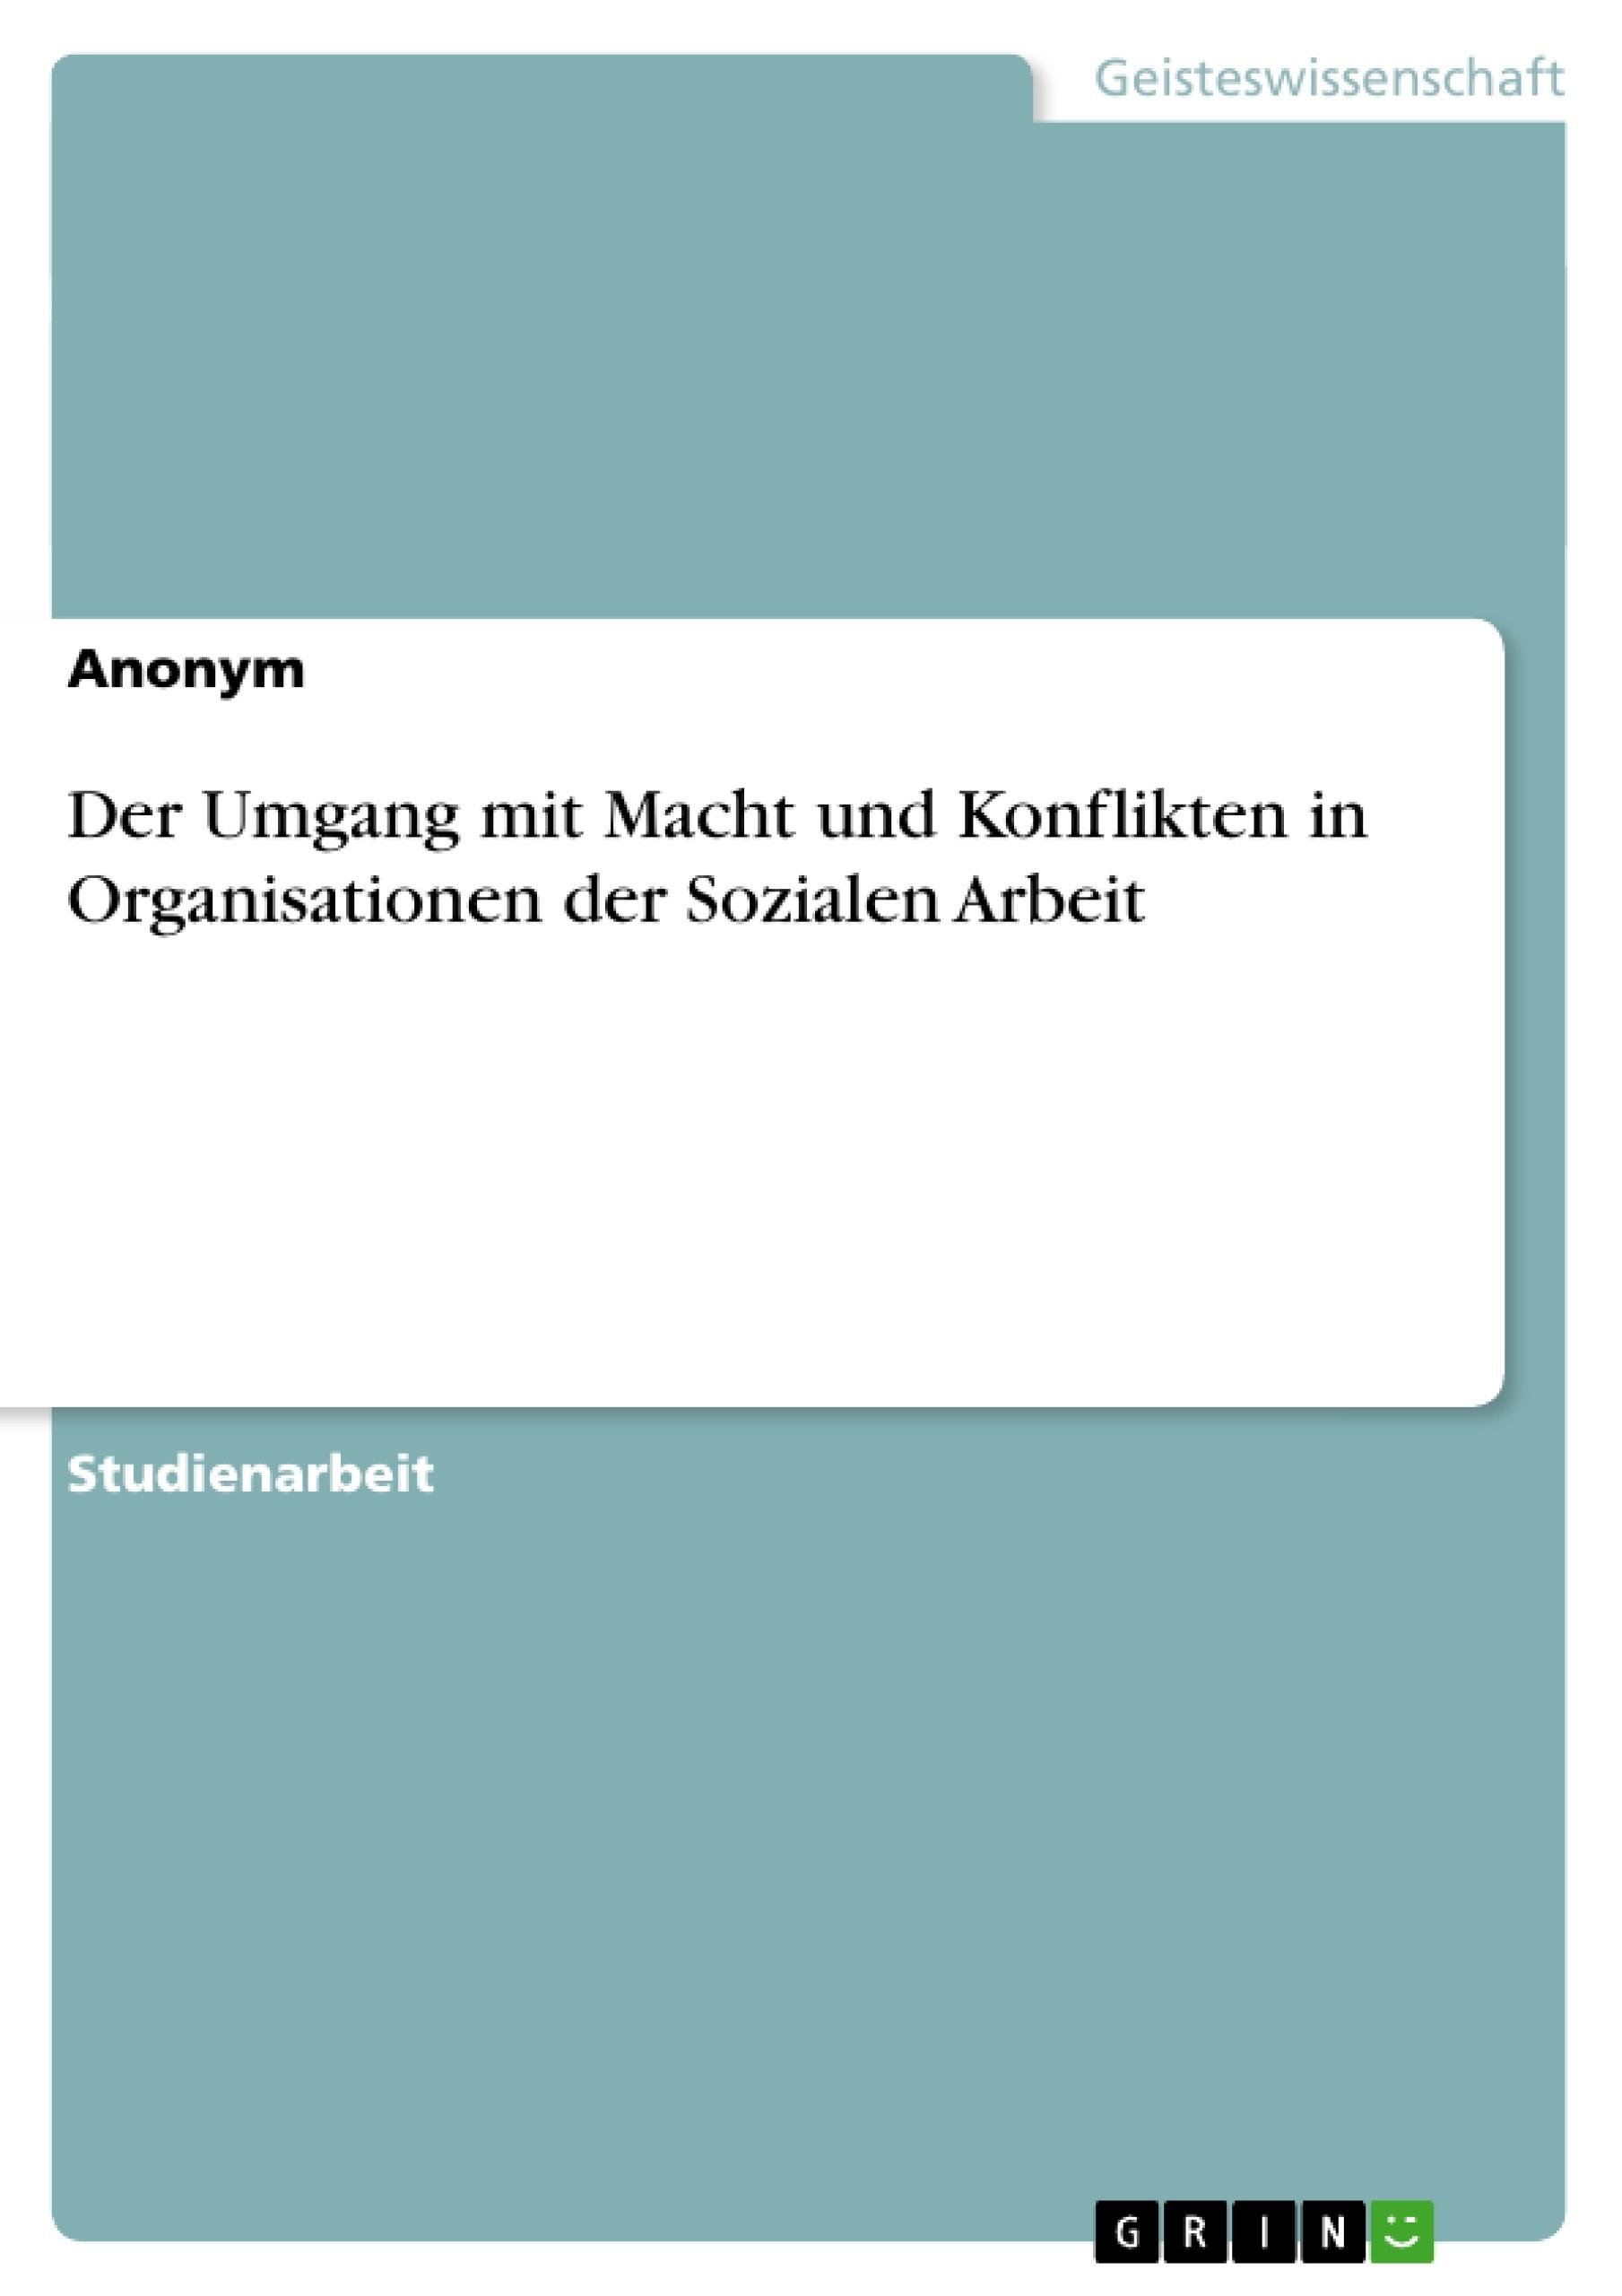 Titel: Der Umgang mit Macht und Konflikten in Organisationen der Sozialen Arbeit